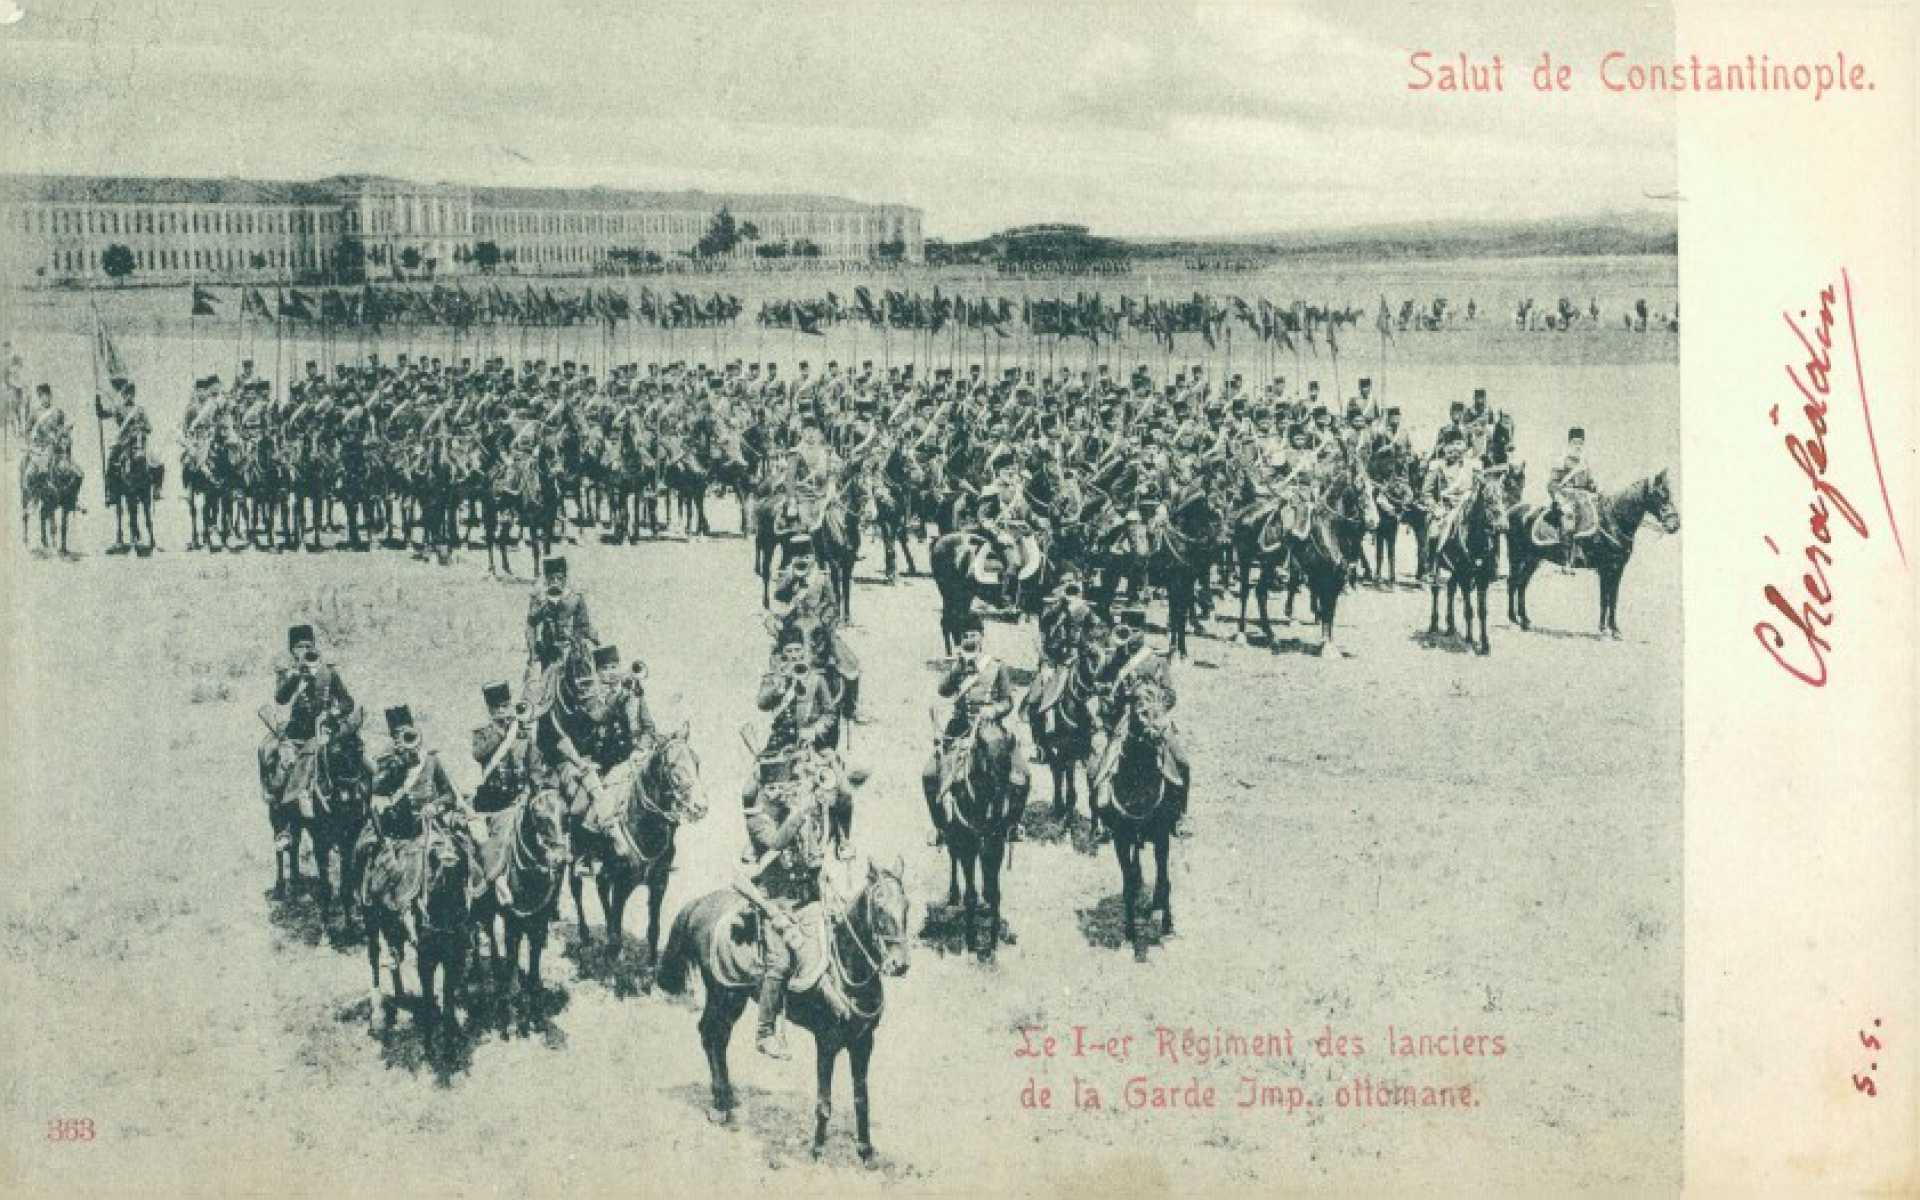 Salut de Constantinople. Le I-er Regiment des lanciesrs de la Garde Imp. ottomane.